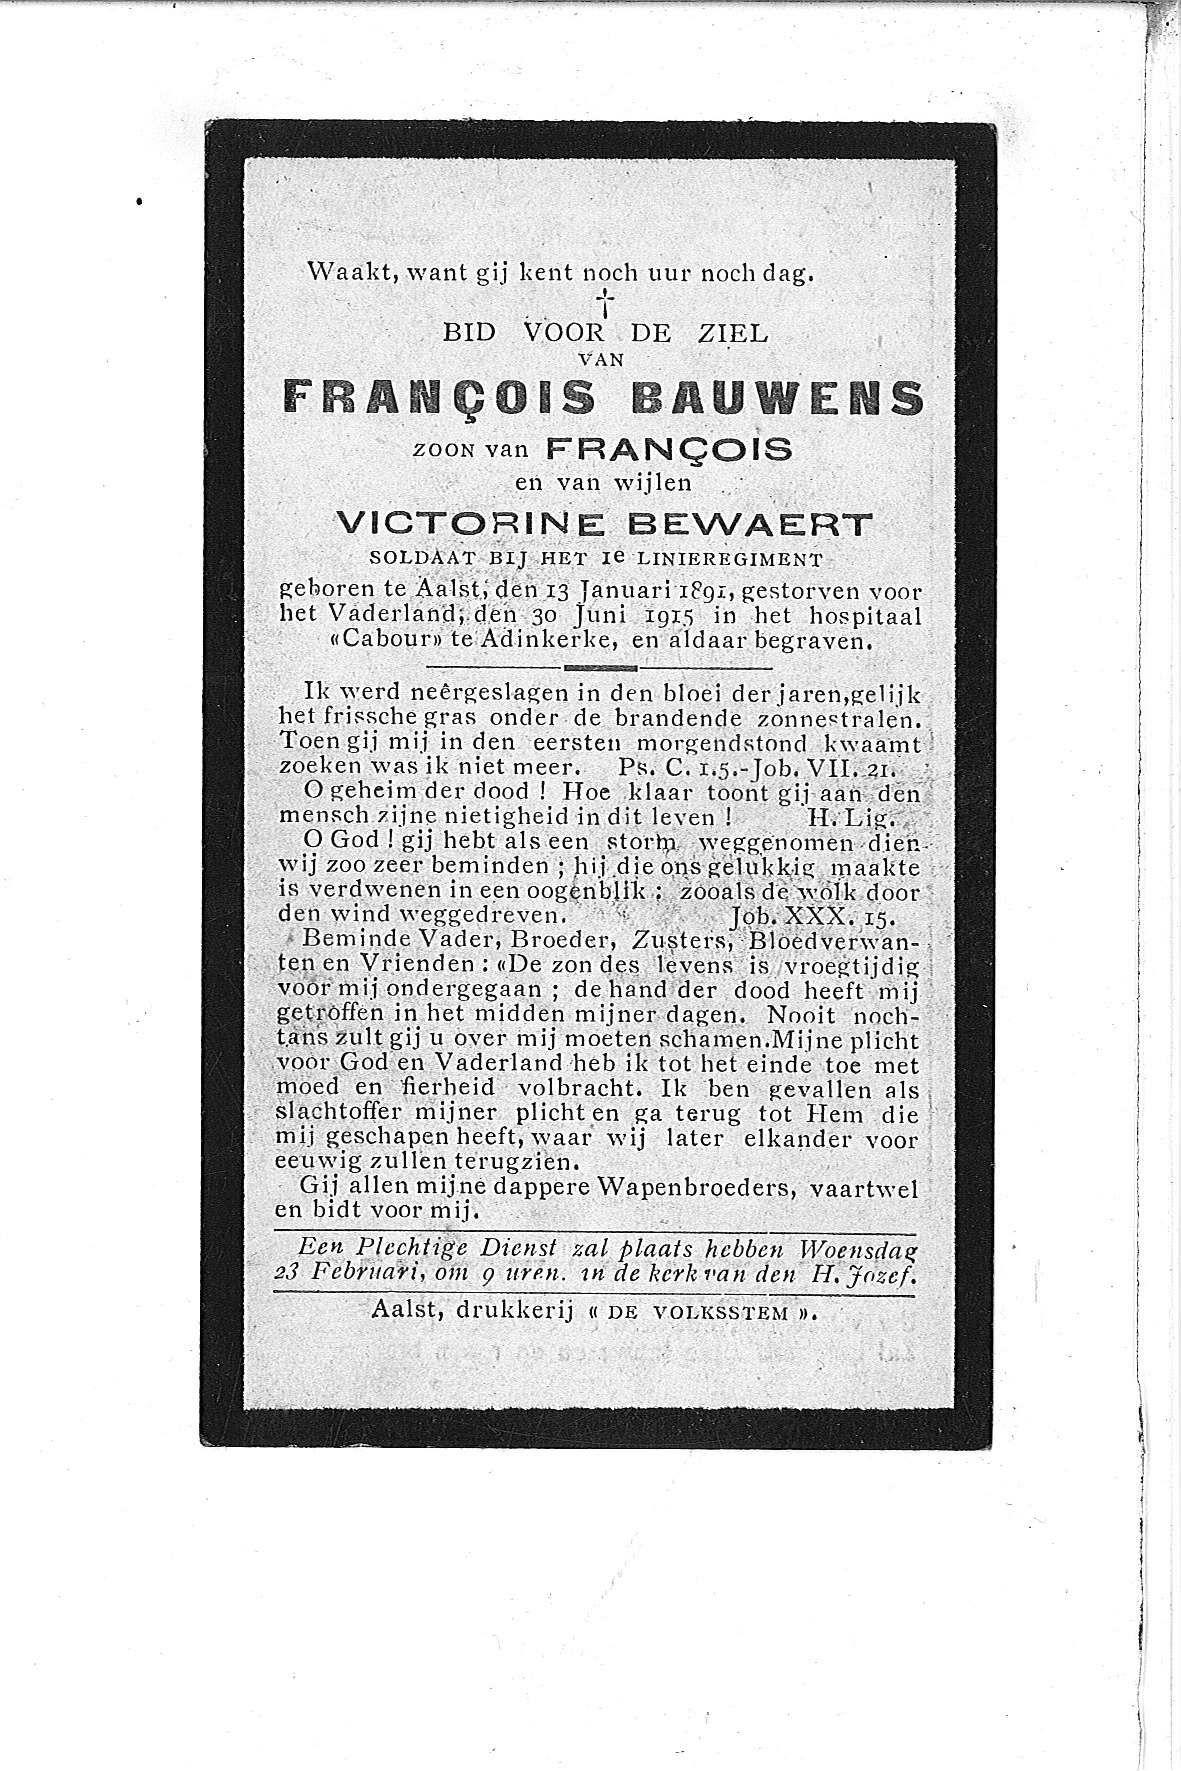 François(1915)20101026135255_00027.jpg